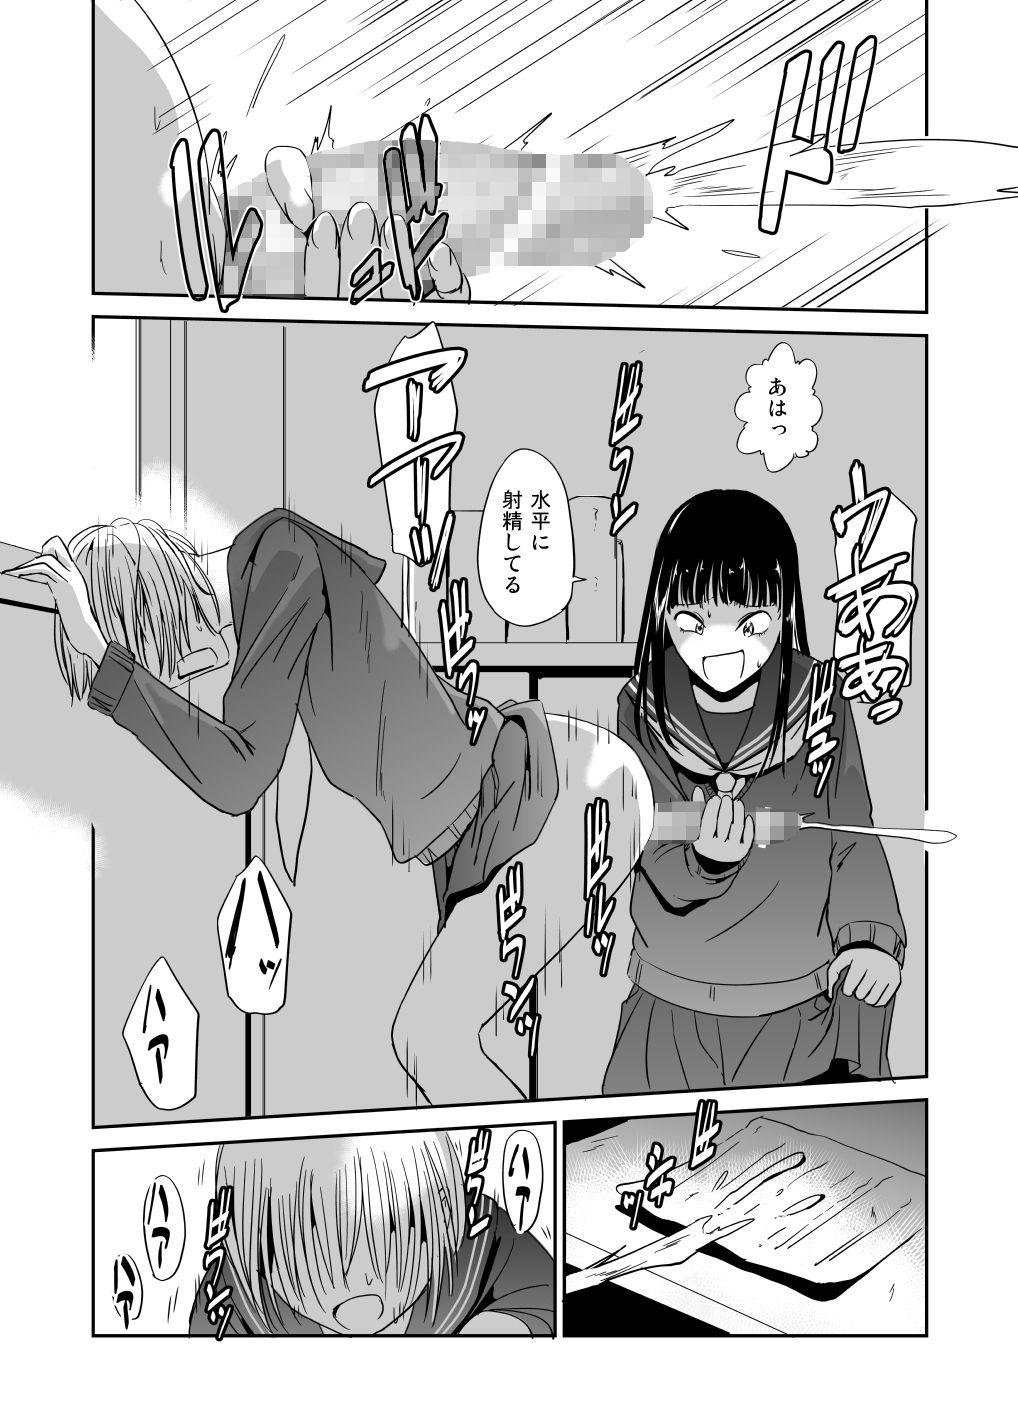 サンプル画像4:ふたなり彼女 ひみつの放課後(夢迷屋) [d_199513]